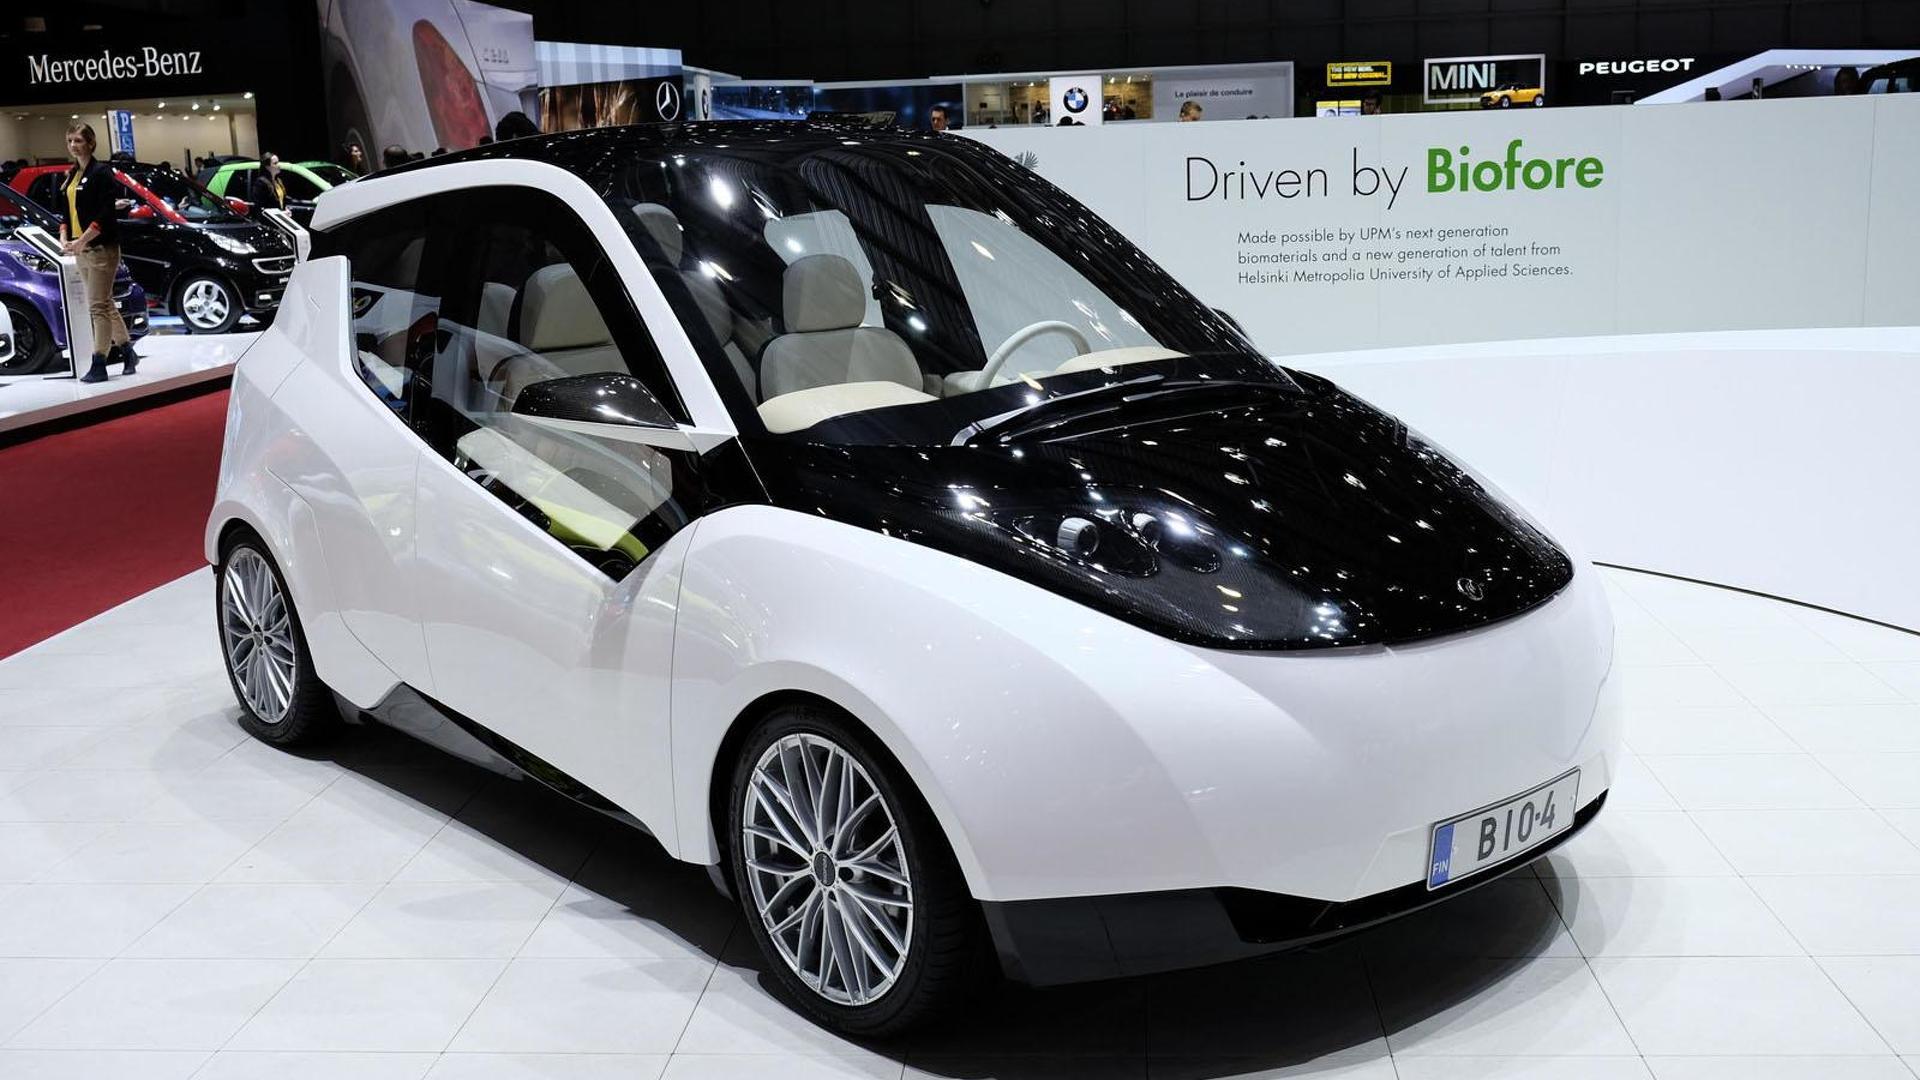 UPM Biofore concept bows in Geneva